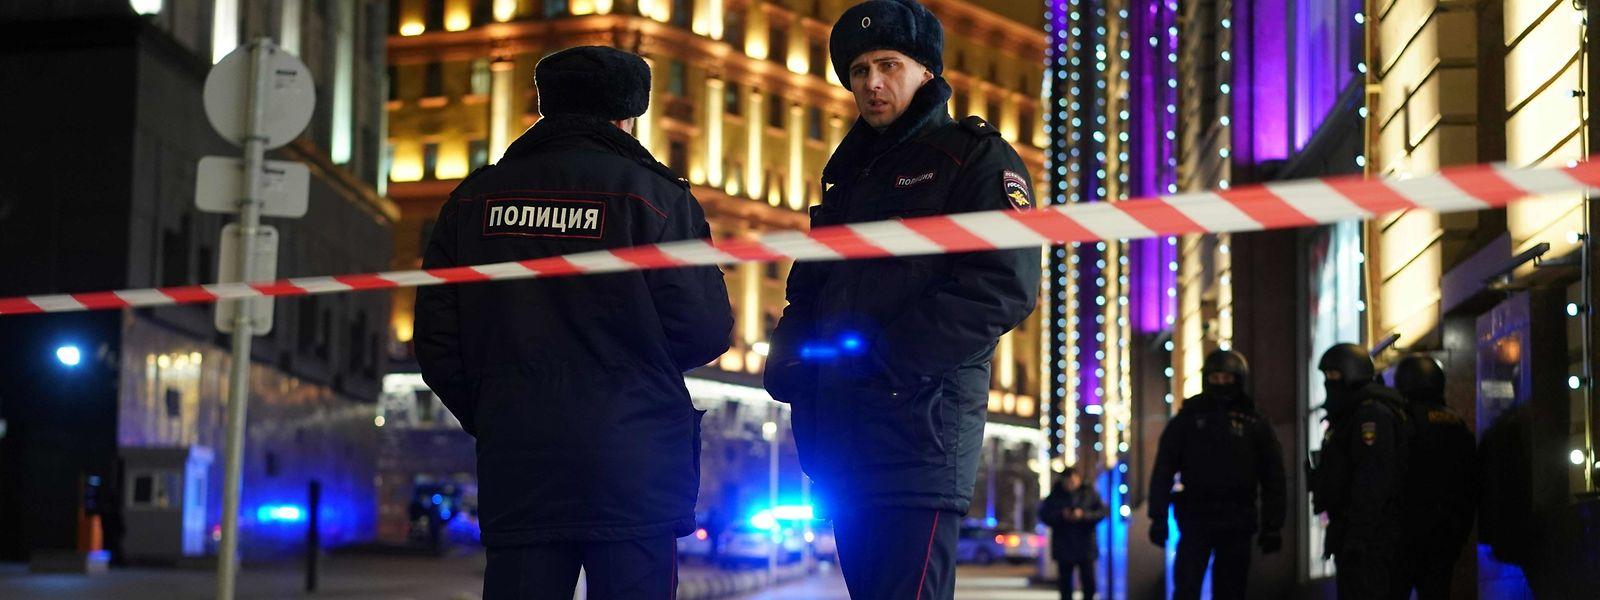 Russische Polizisten am Tatort.